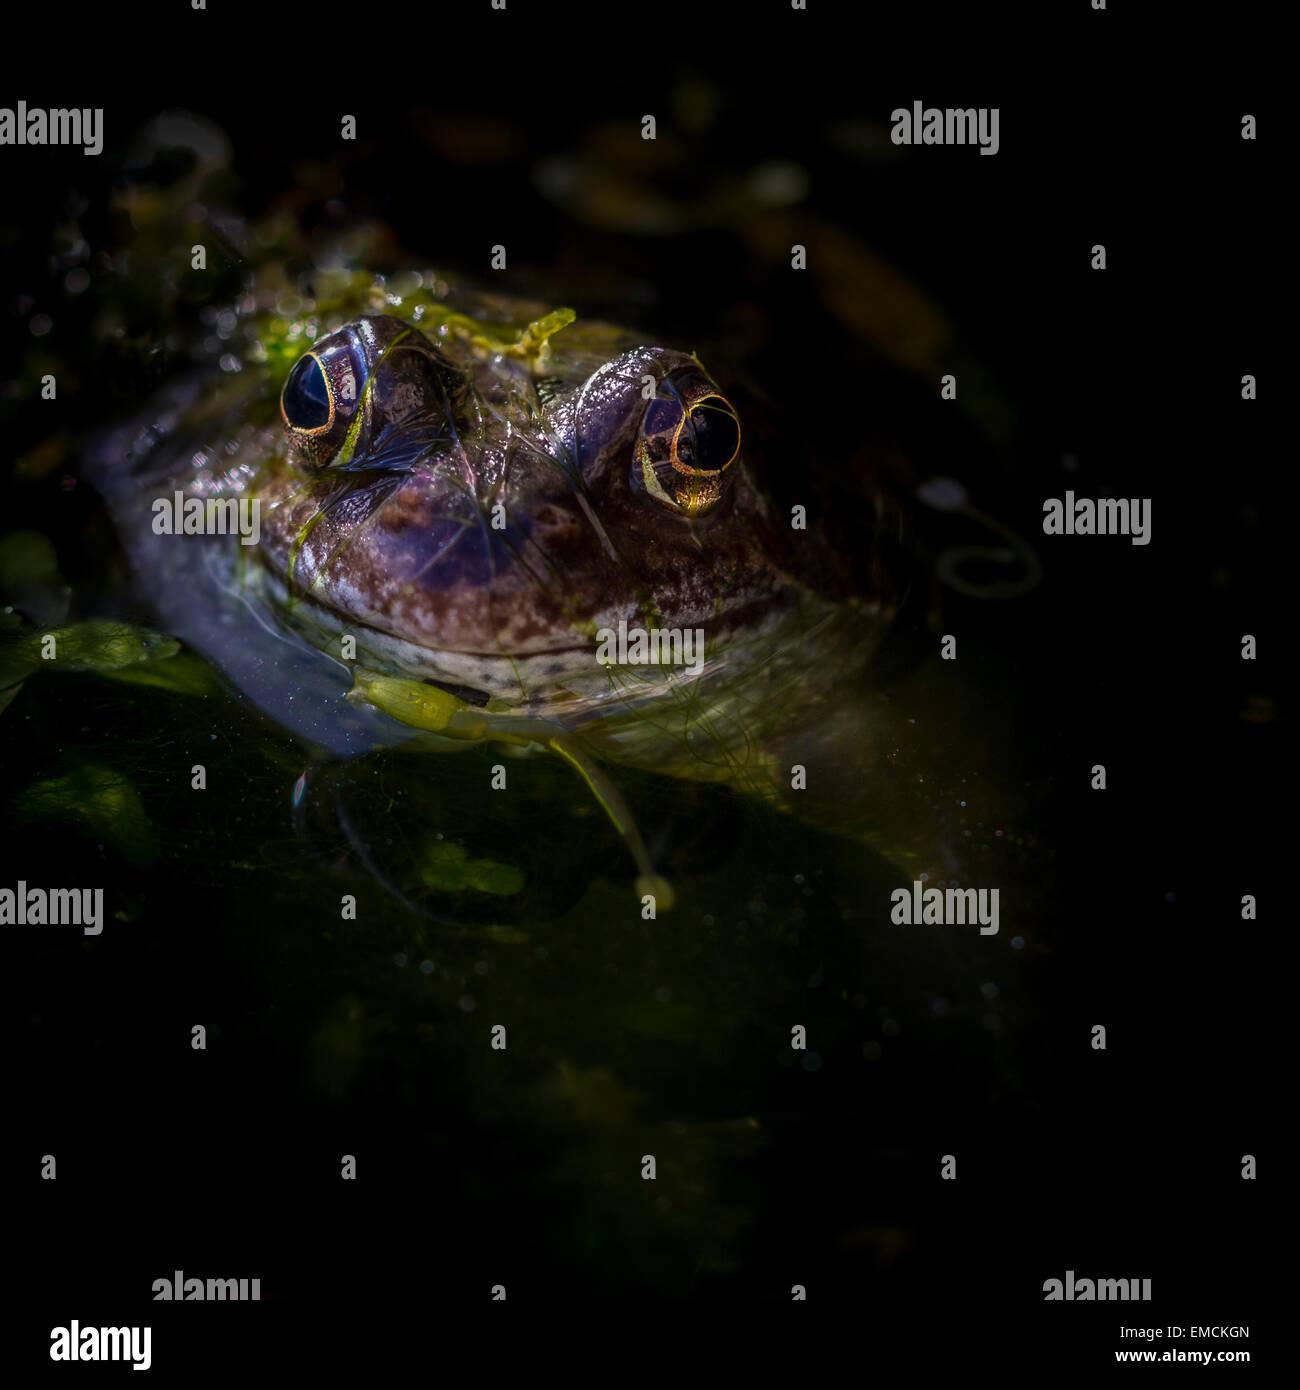 grenouille étang datant psoriasis célibataires datant